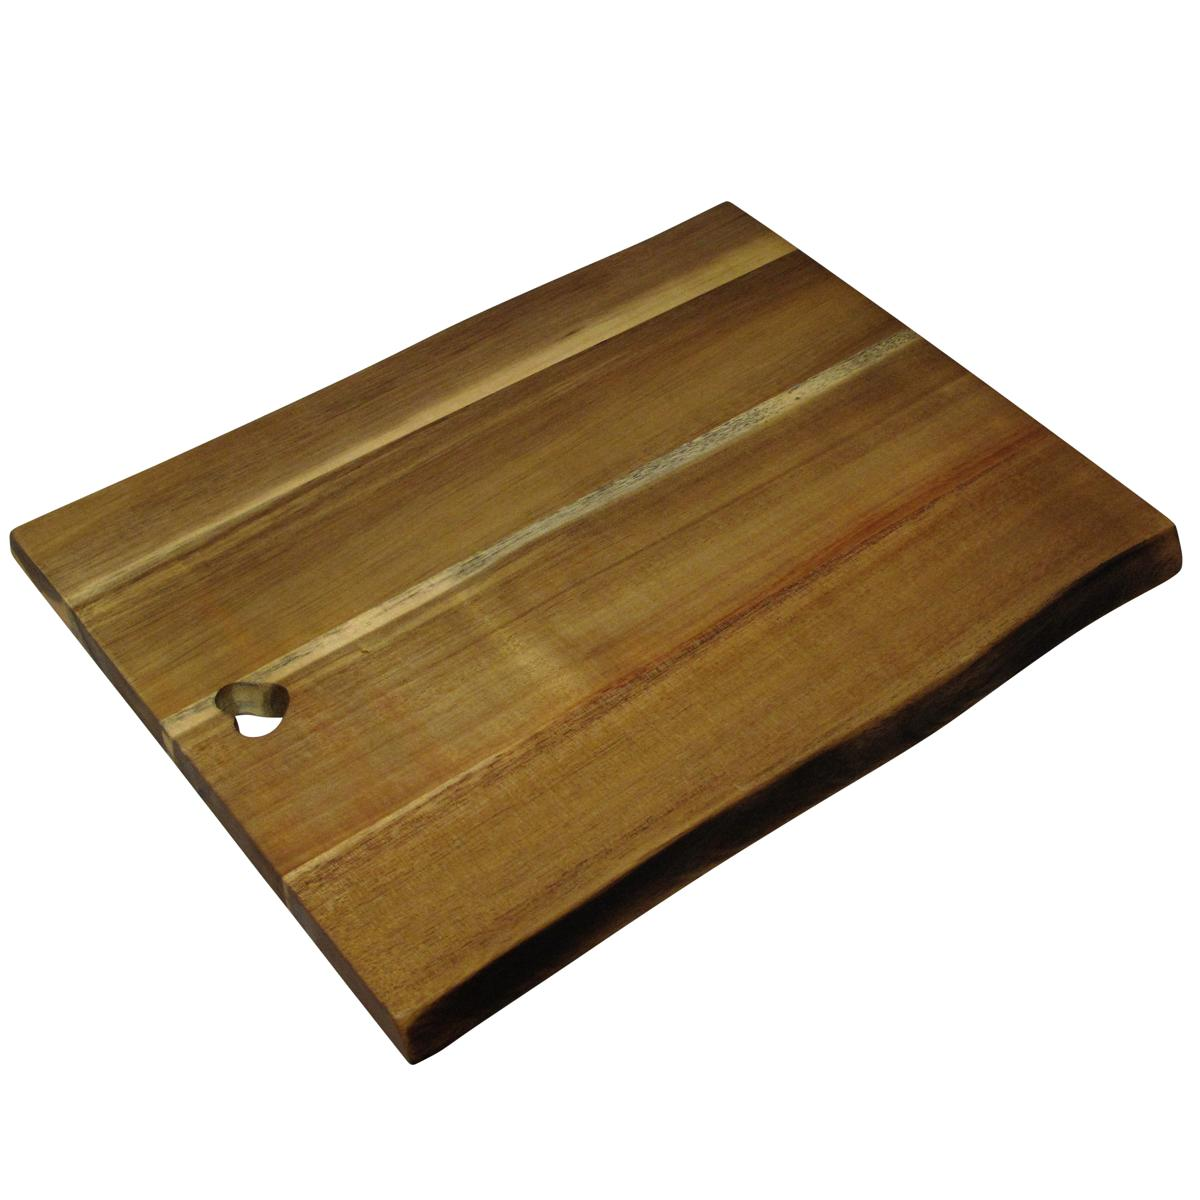 marron rectangulaire br l bois edge effet planche d couper ebay. Black Bedroom Furniture Sets. Home Design Ideas